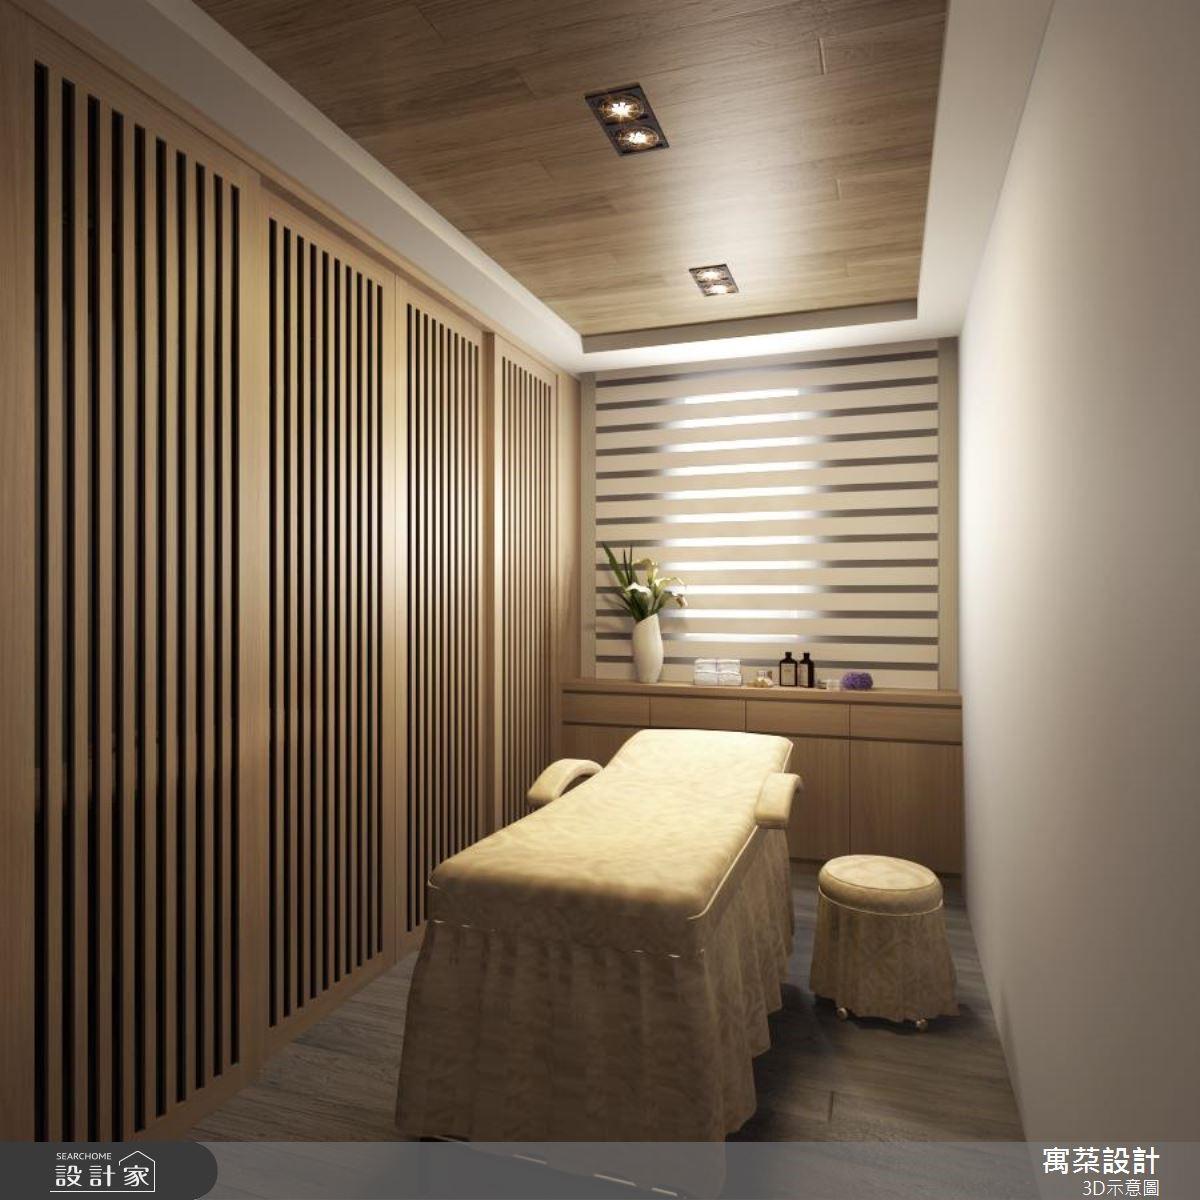 設置在主臥裡的按摩室,是女主人最愛的私密角落。木質調空間與充滿閒適感的色彩,點上精油薰香,宛如複製峇里島風情,放輕鬆原來就是這麼簡單。